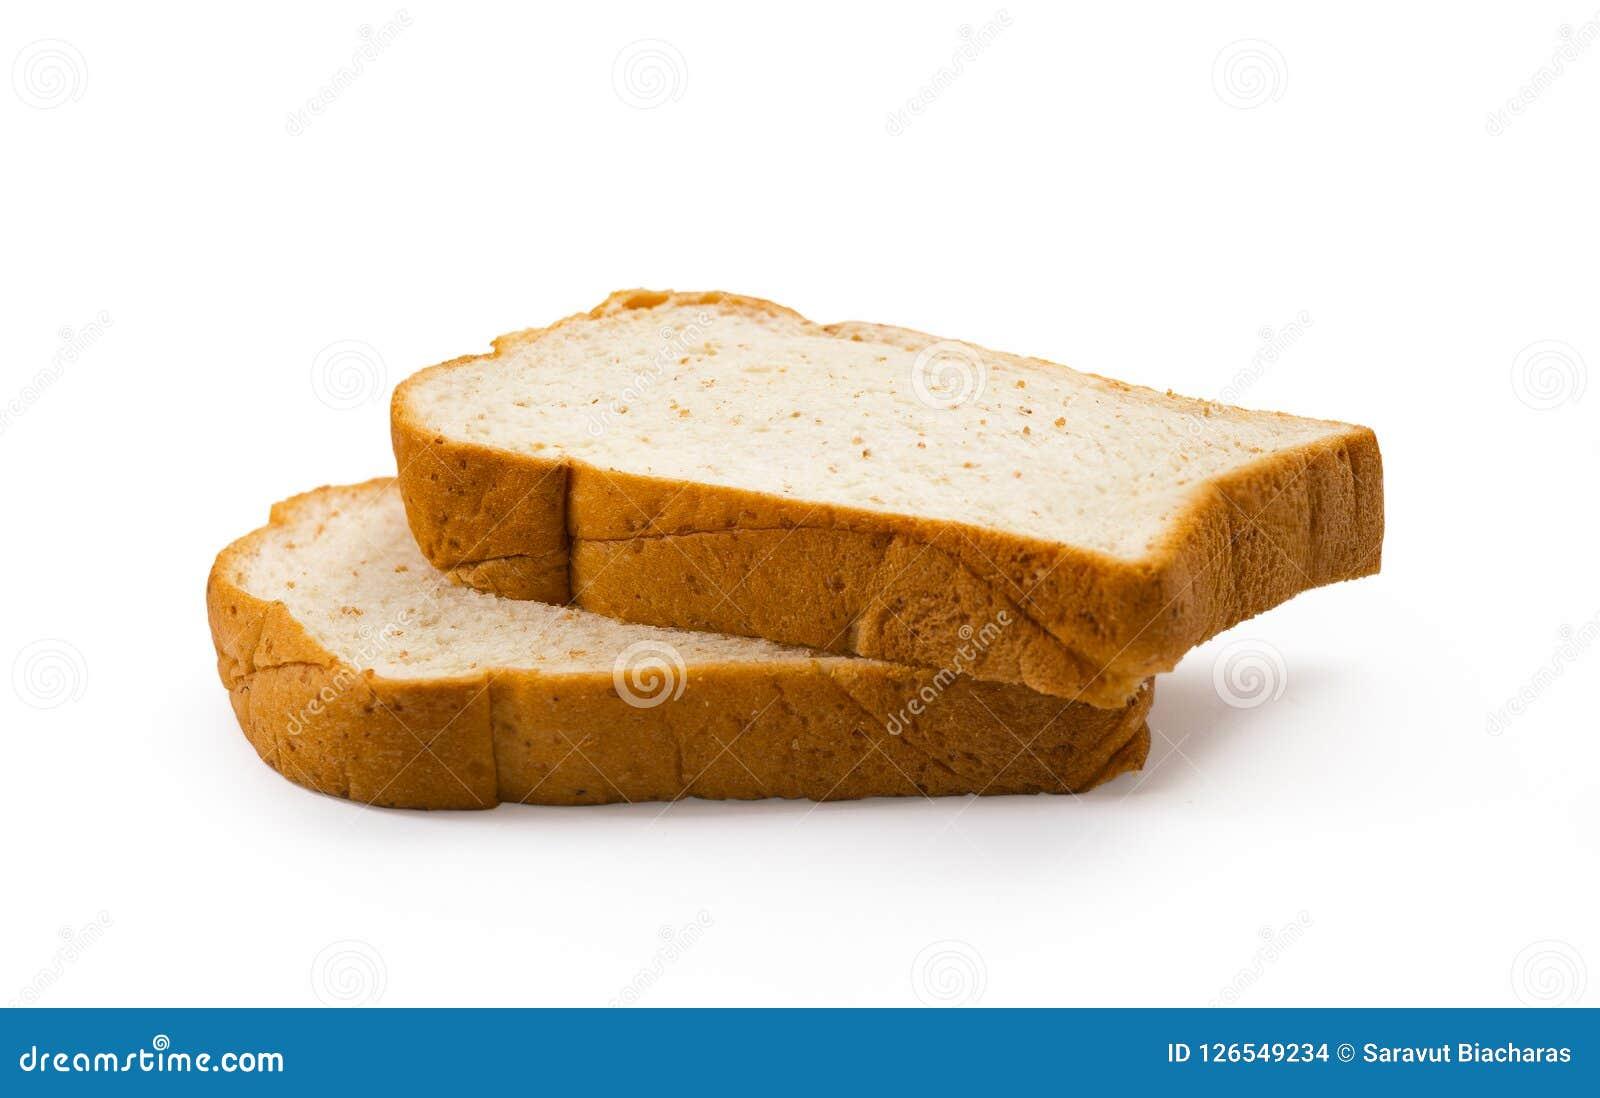 Pokrojony chleb odizolowywający na biały tle